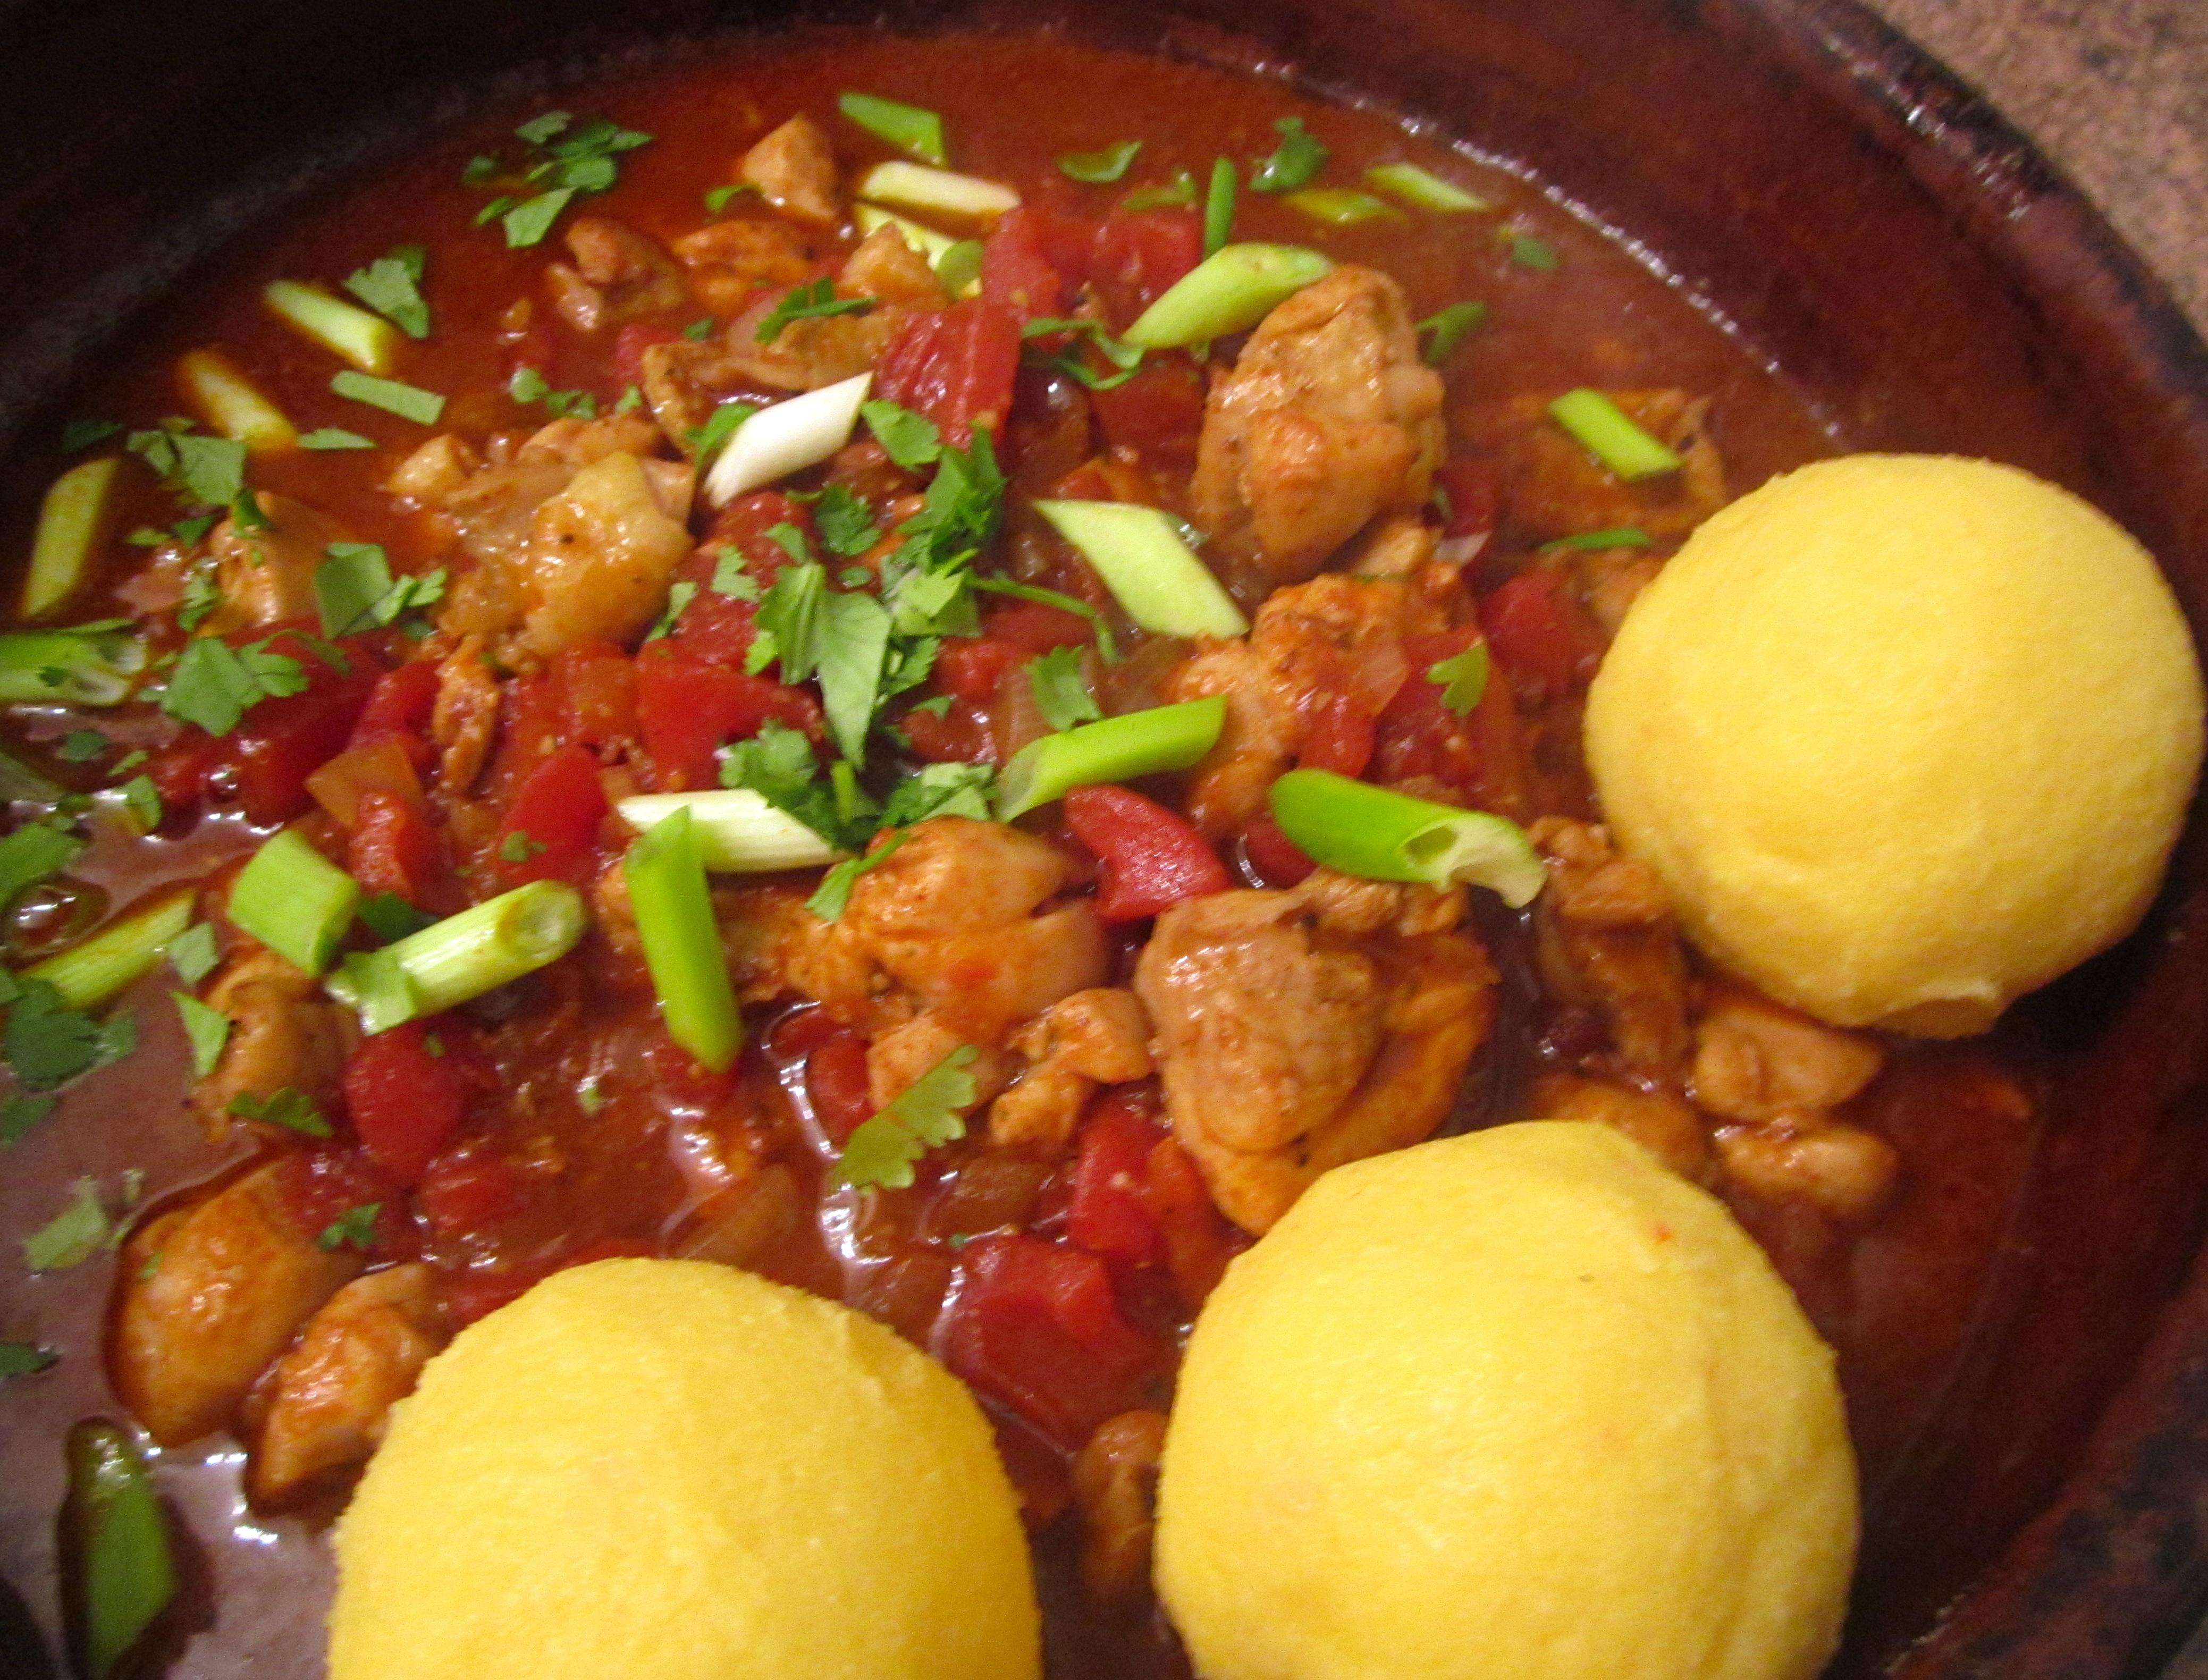 Sadza ne nyama ye huku zimbabwean porridge with chicken stew sadza ne nyama ye huku zimbabwean porridge with chicken stew chefsopinion forumfinder Gallery